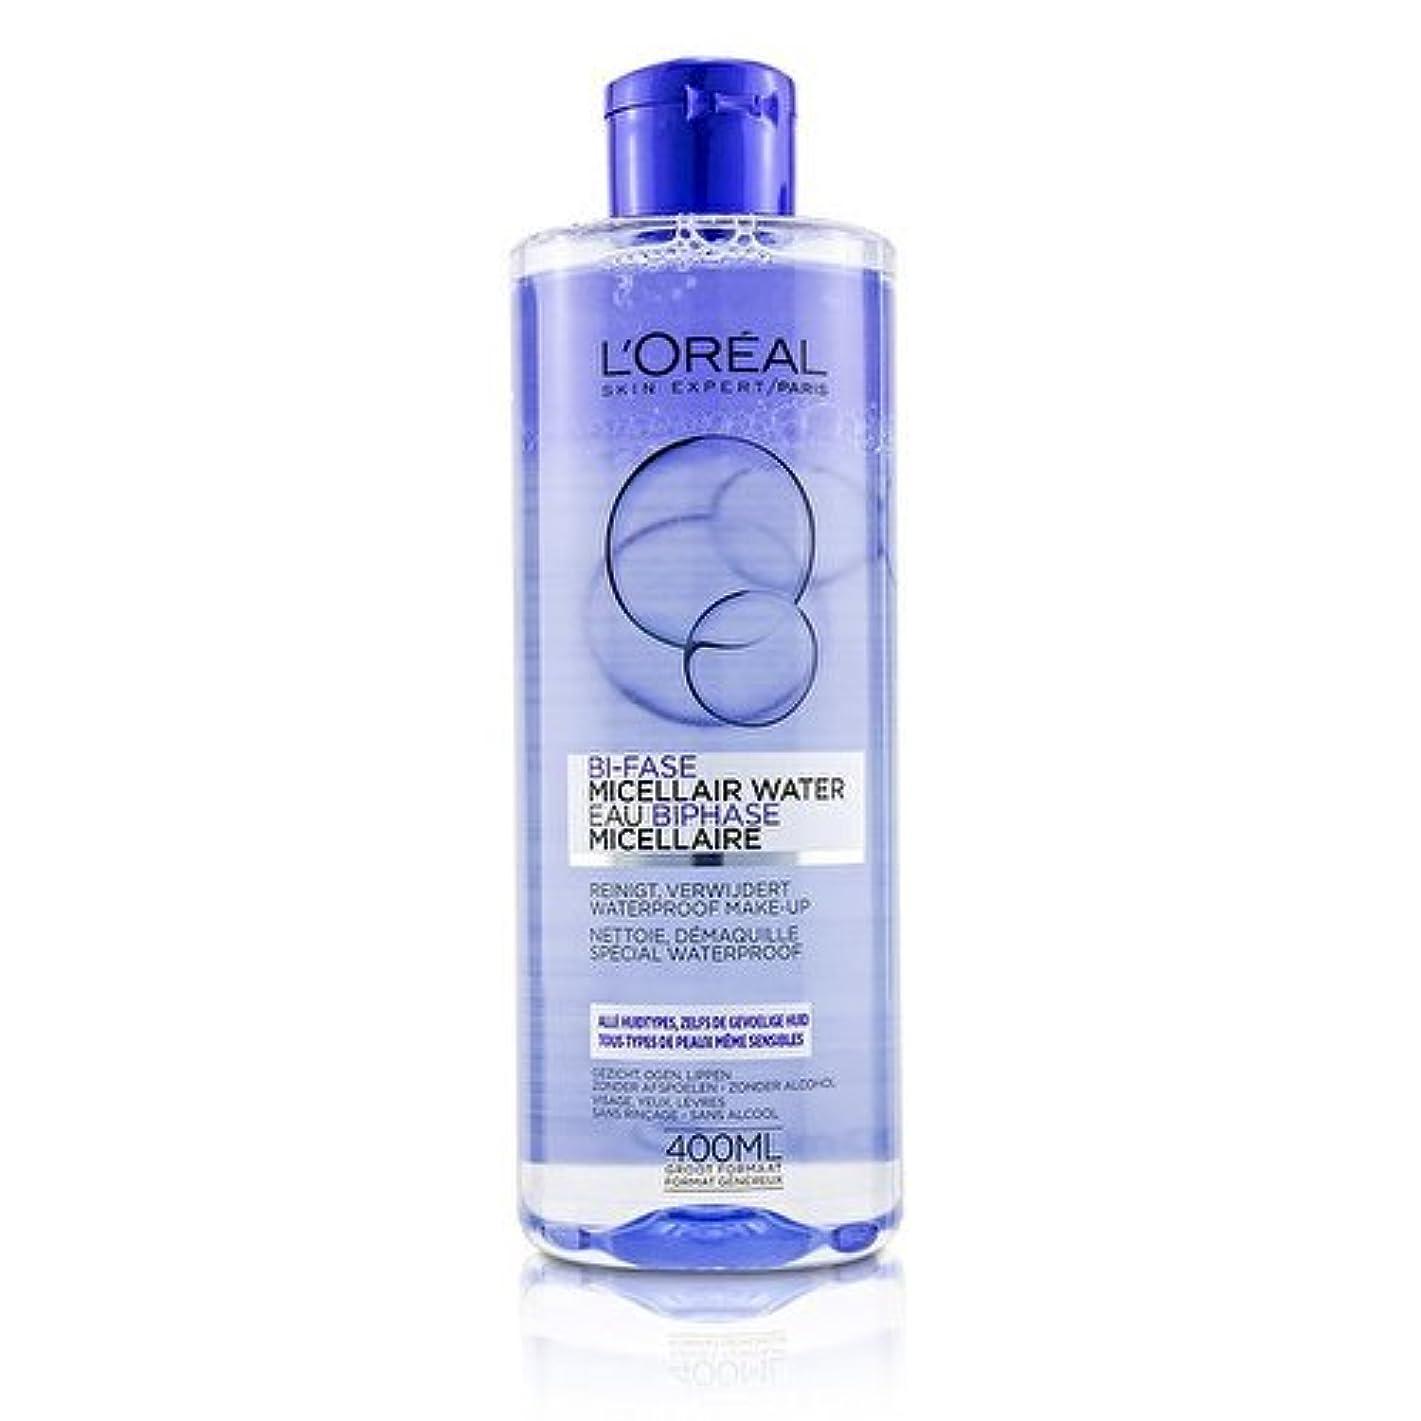 ロレアル Bi-Phase Micellar Water (Bi-Fase Micellair Water) - For All Skin Types, even Sensitive Skin 400ml/13.3oz並行輸入品